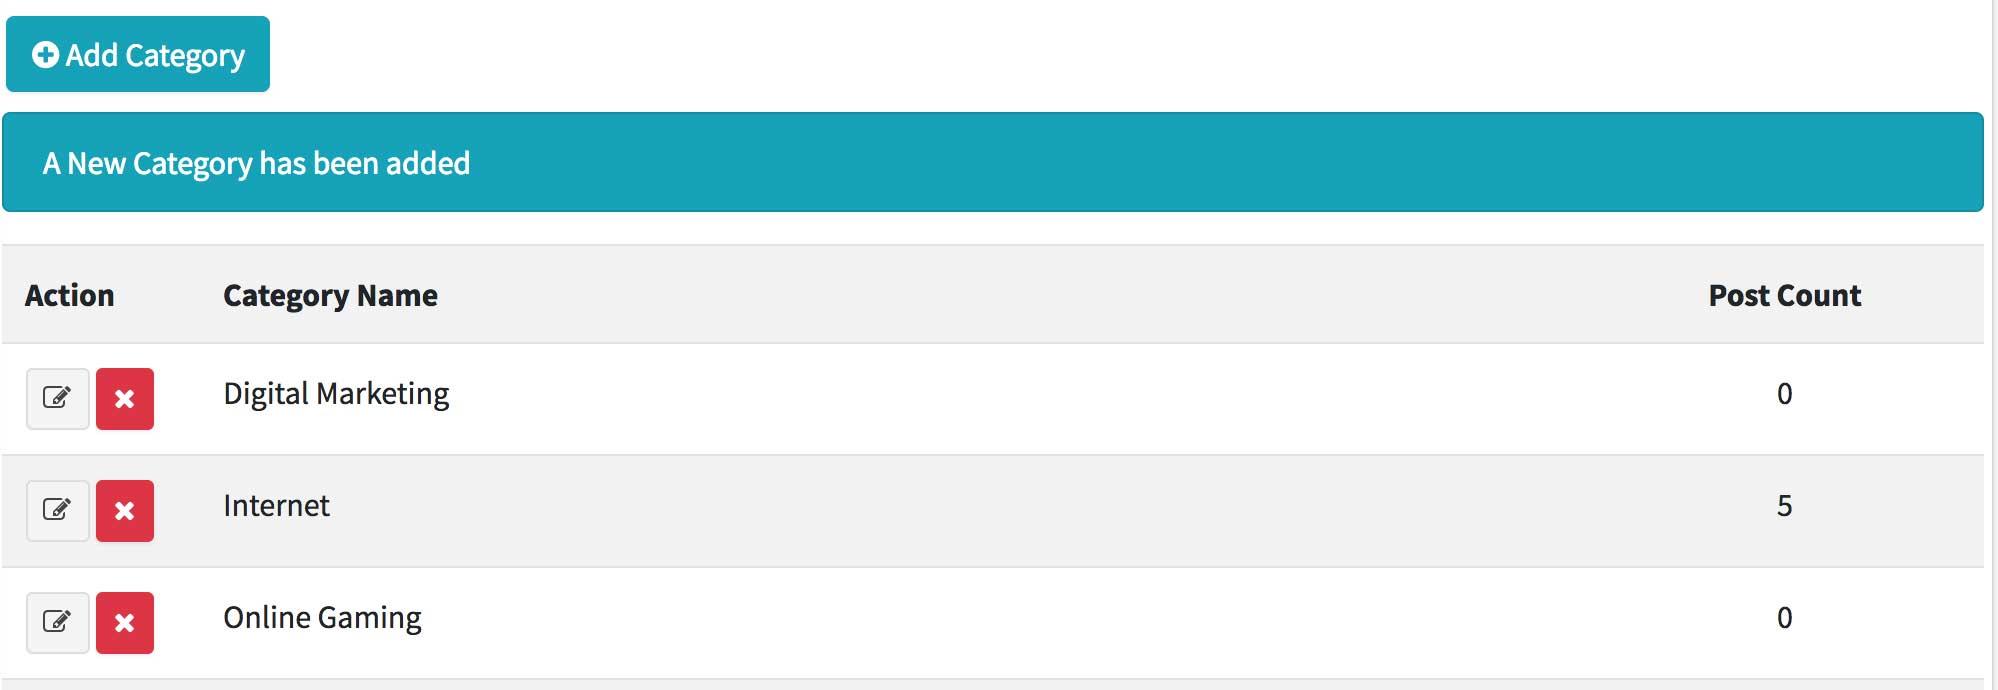 Membuat Blog dengan Laravel 5.7 dan AdminLTE 3 (15) – Manage Kategori 2